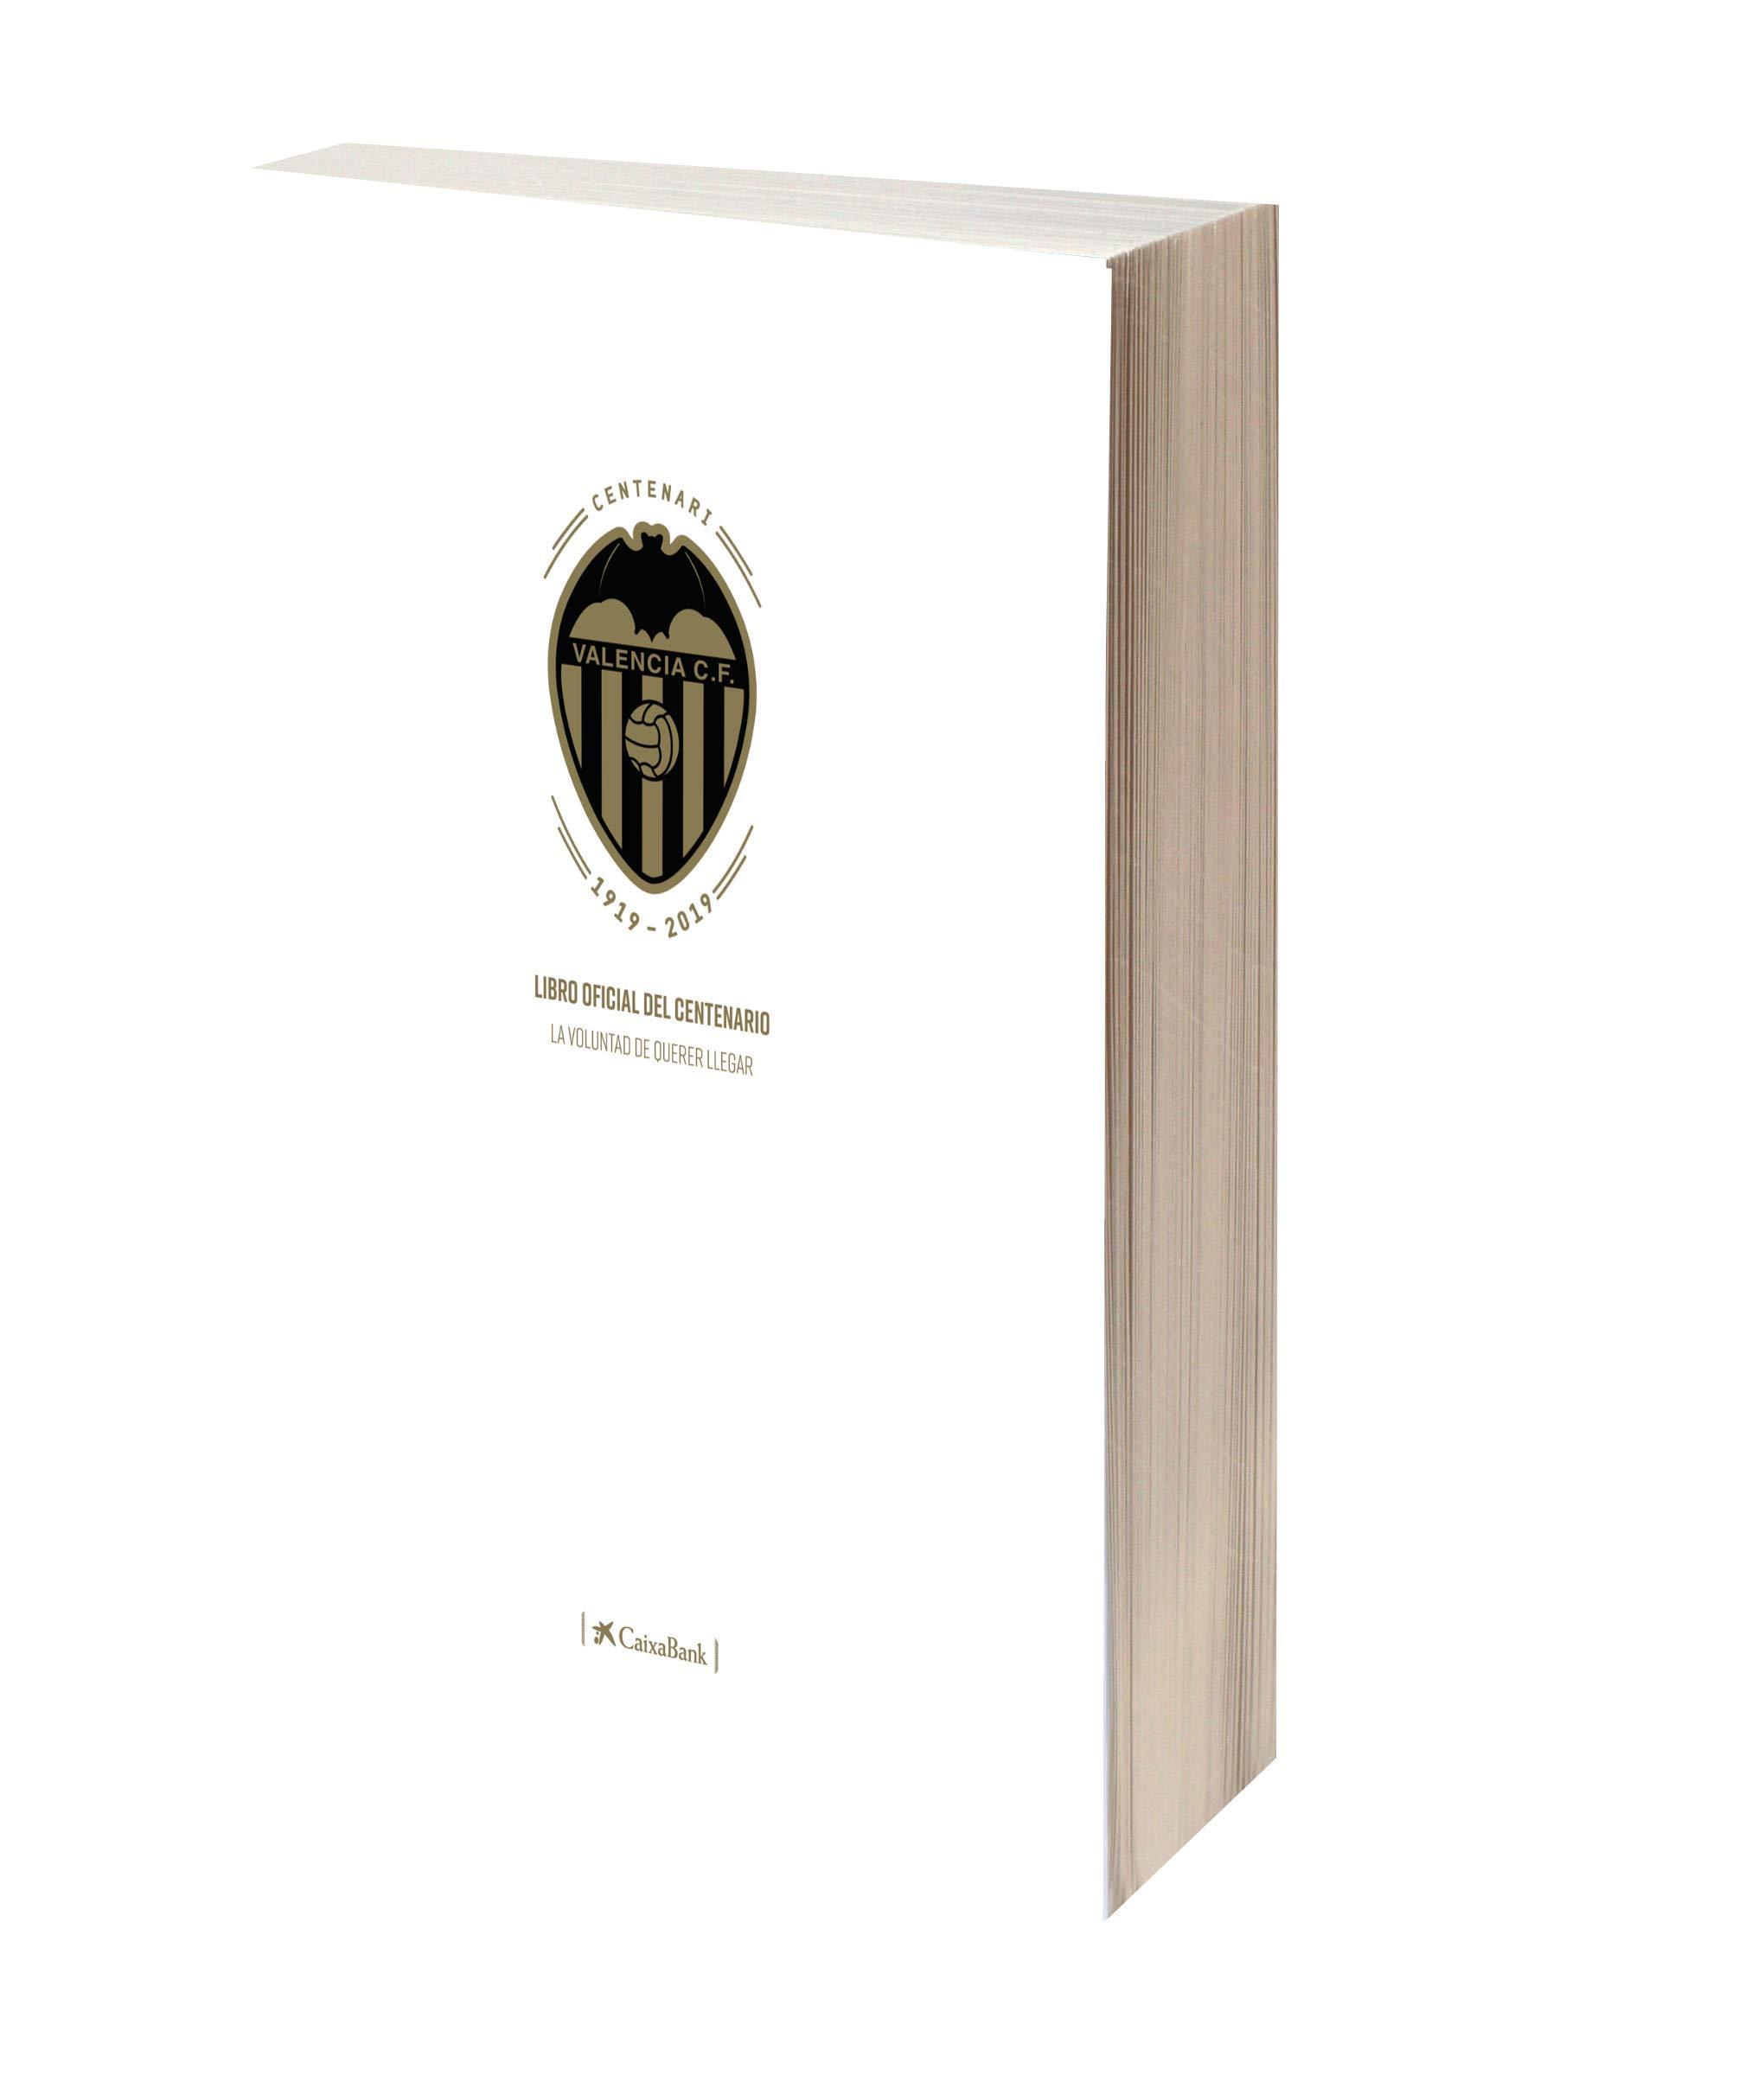 Libro oficial del Centenario del Valencia CF: La voluntad de ...